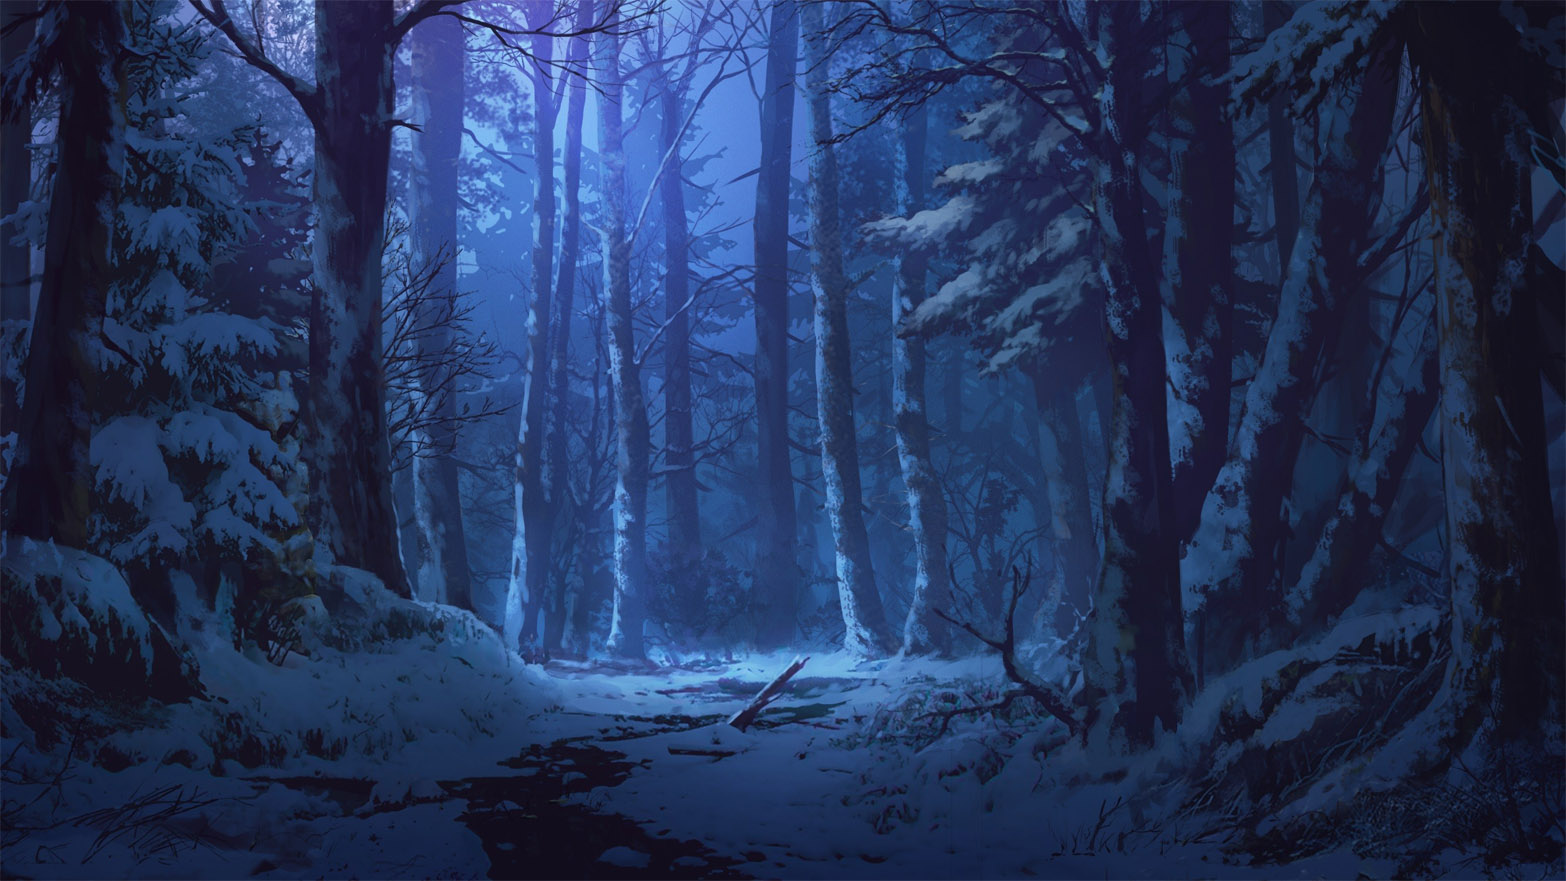 Зимняя ночь картинки красивые и удивительные - подборка 20 фото 10